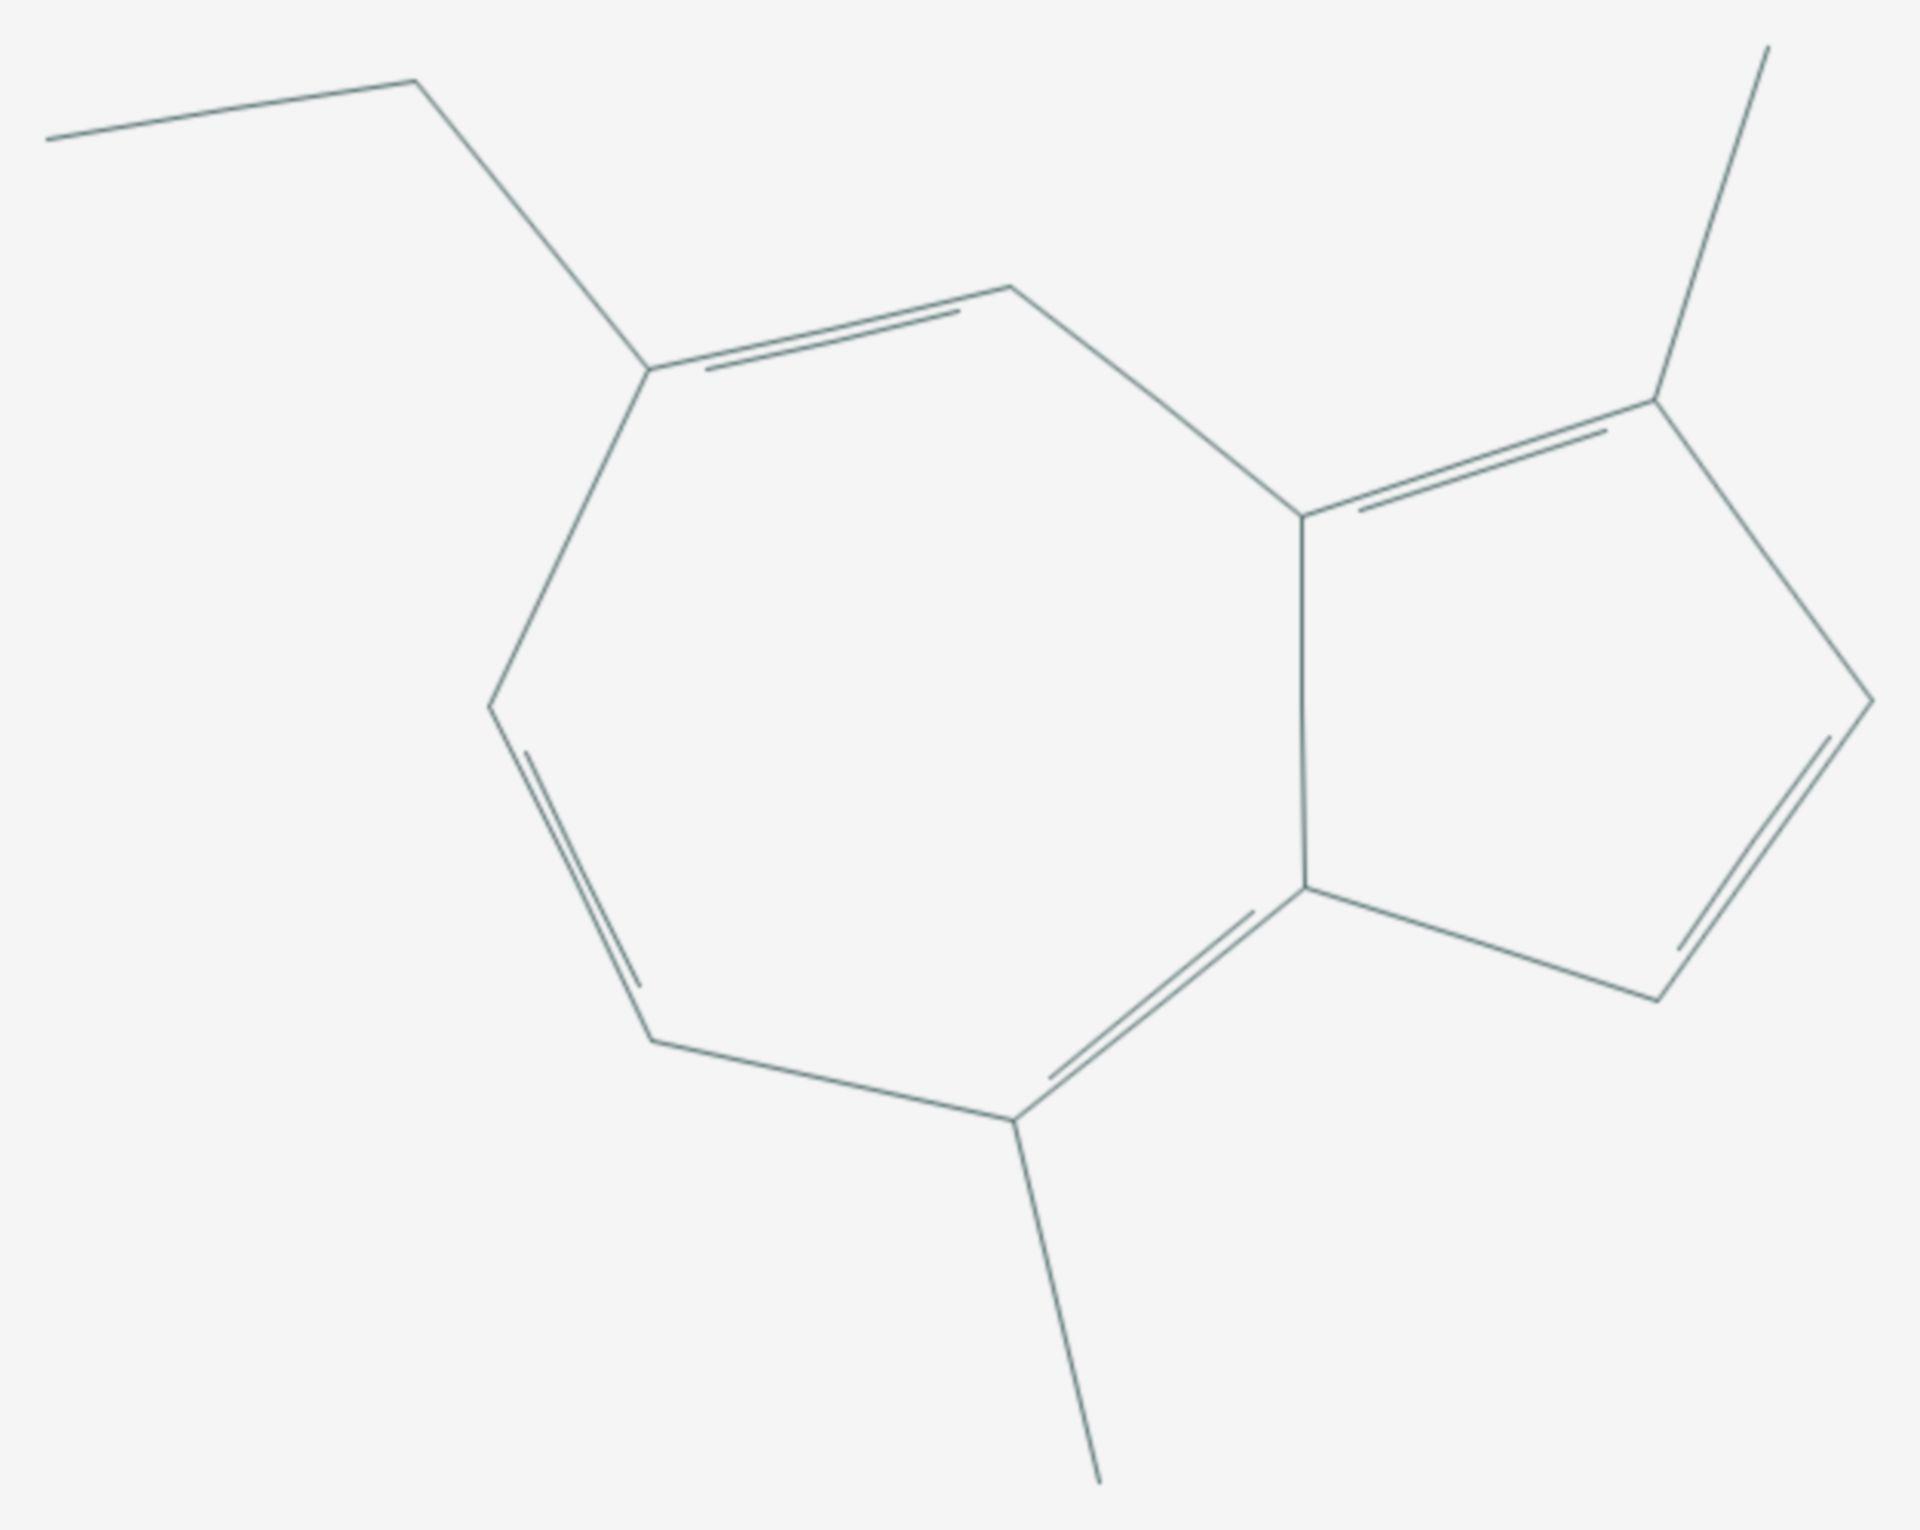 Chamazulen (Strukturformel)